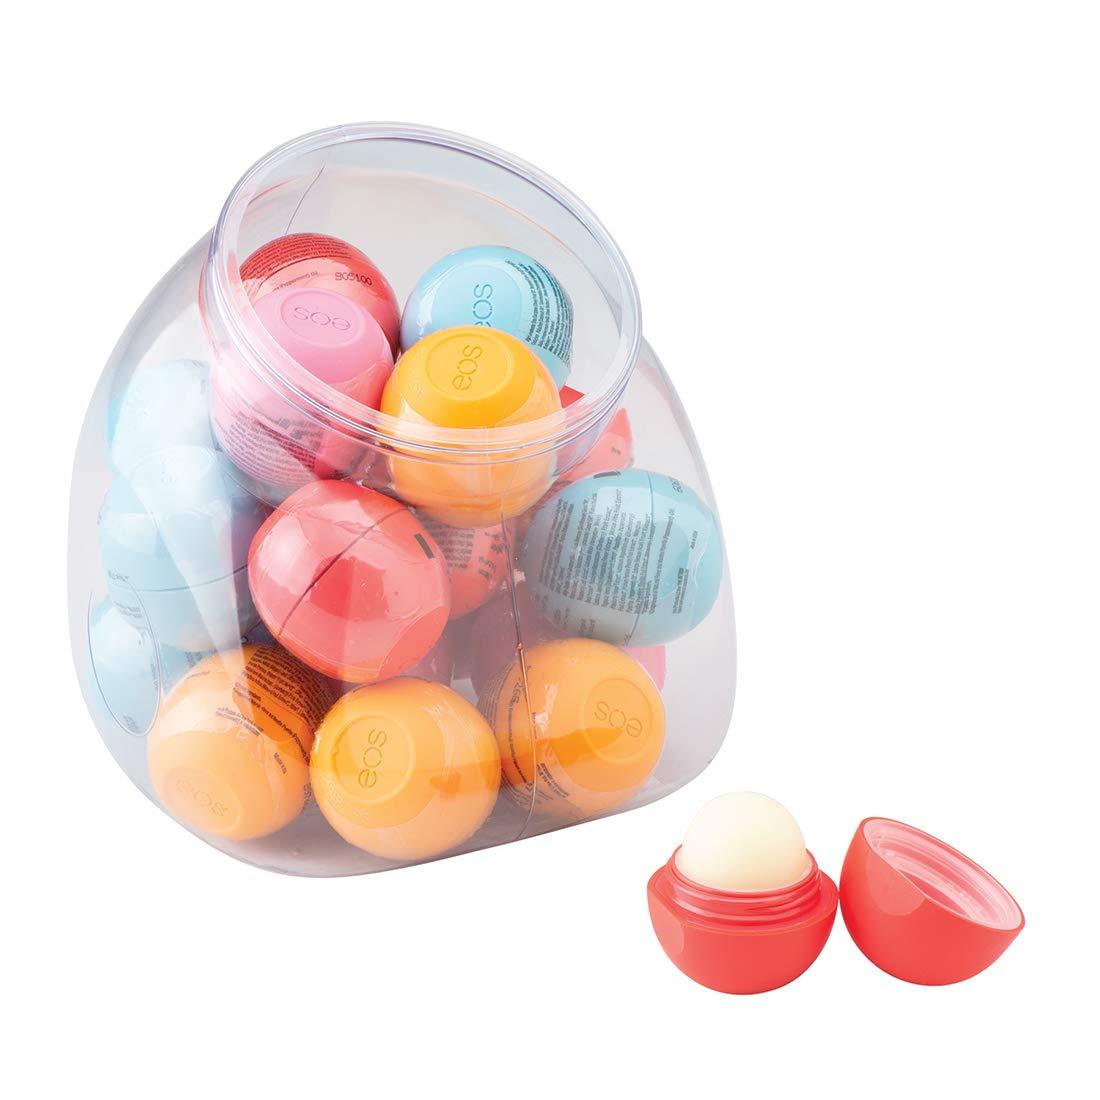 EOS Lip Balm - Dental Hygiene Supplies - 20 per Pack